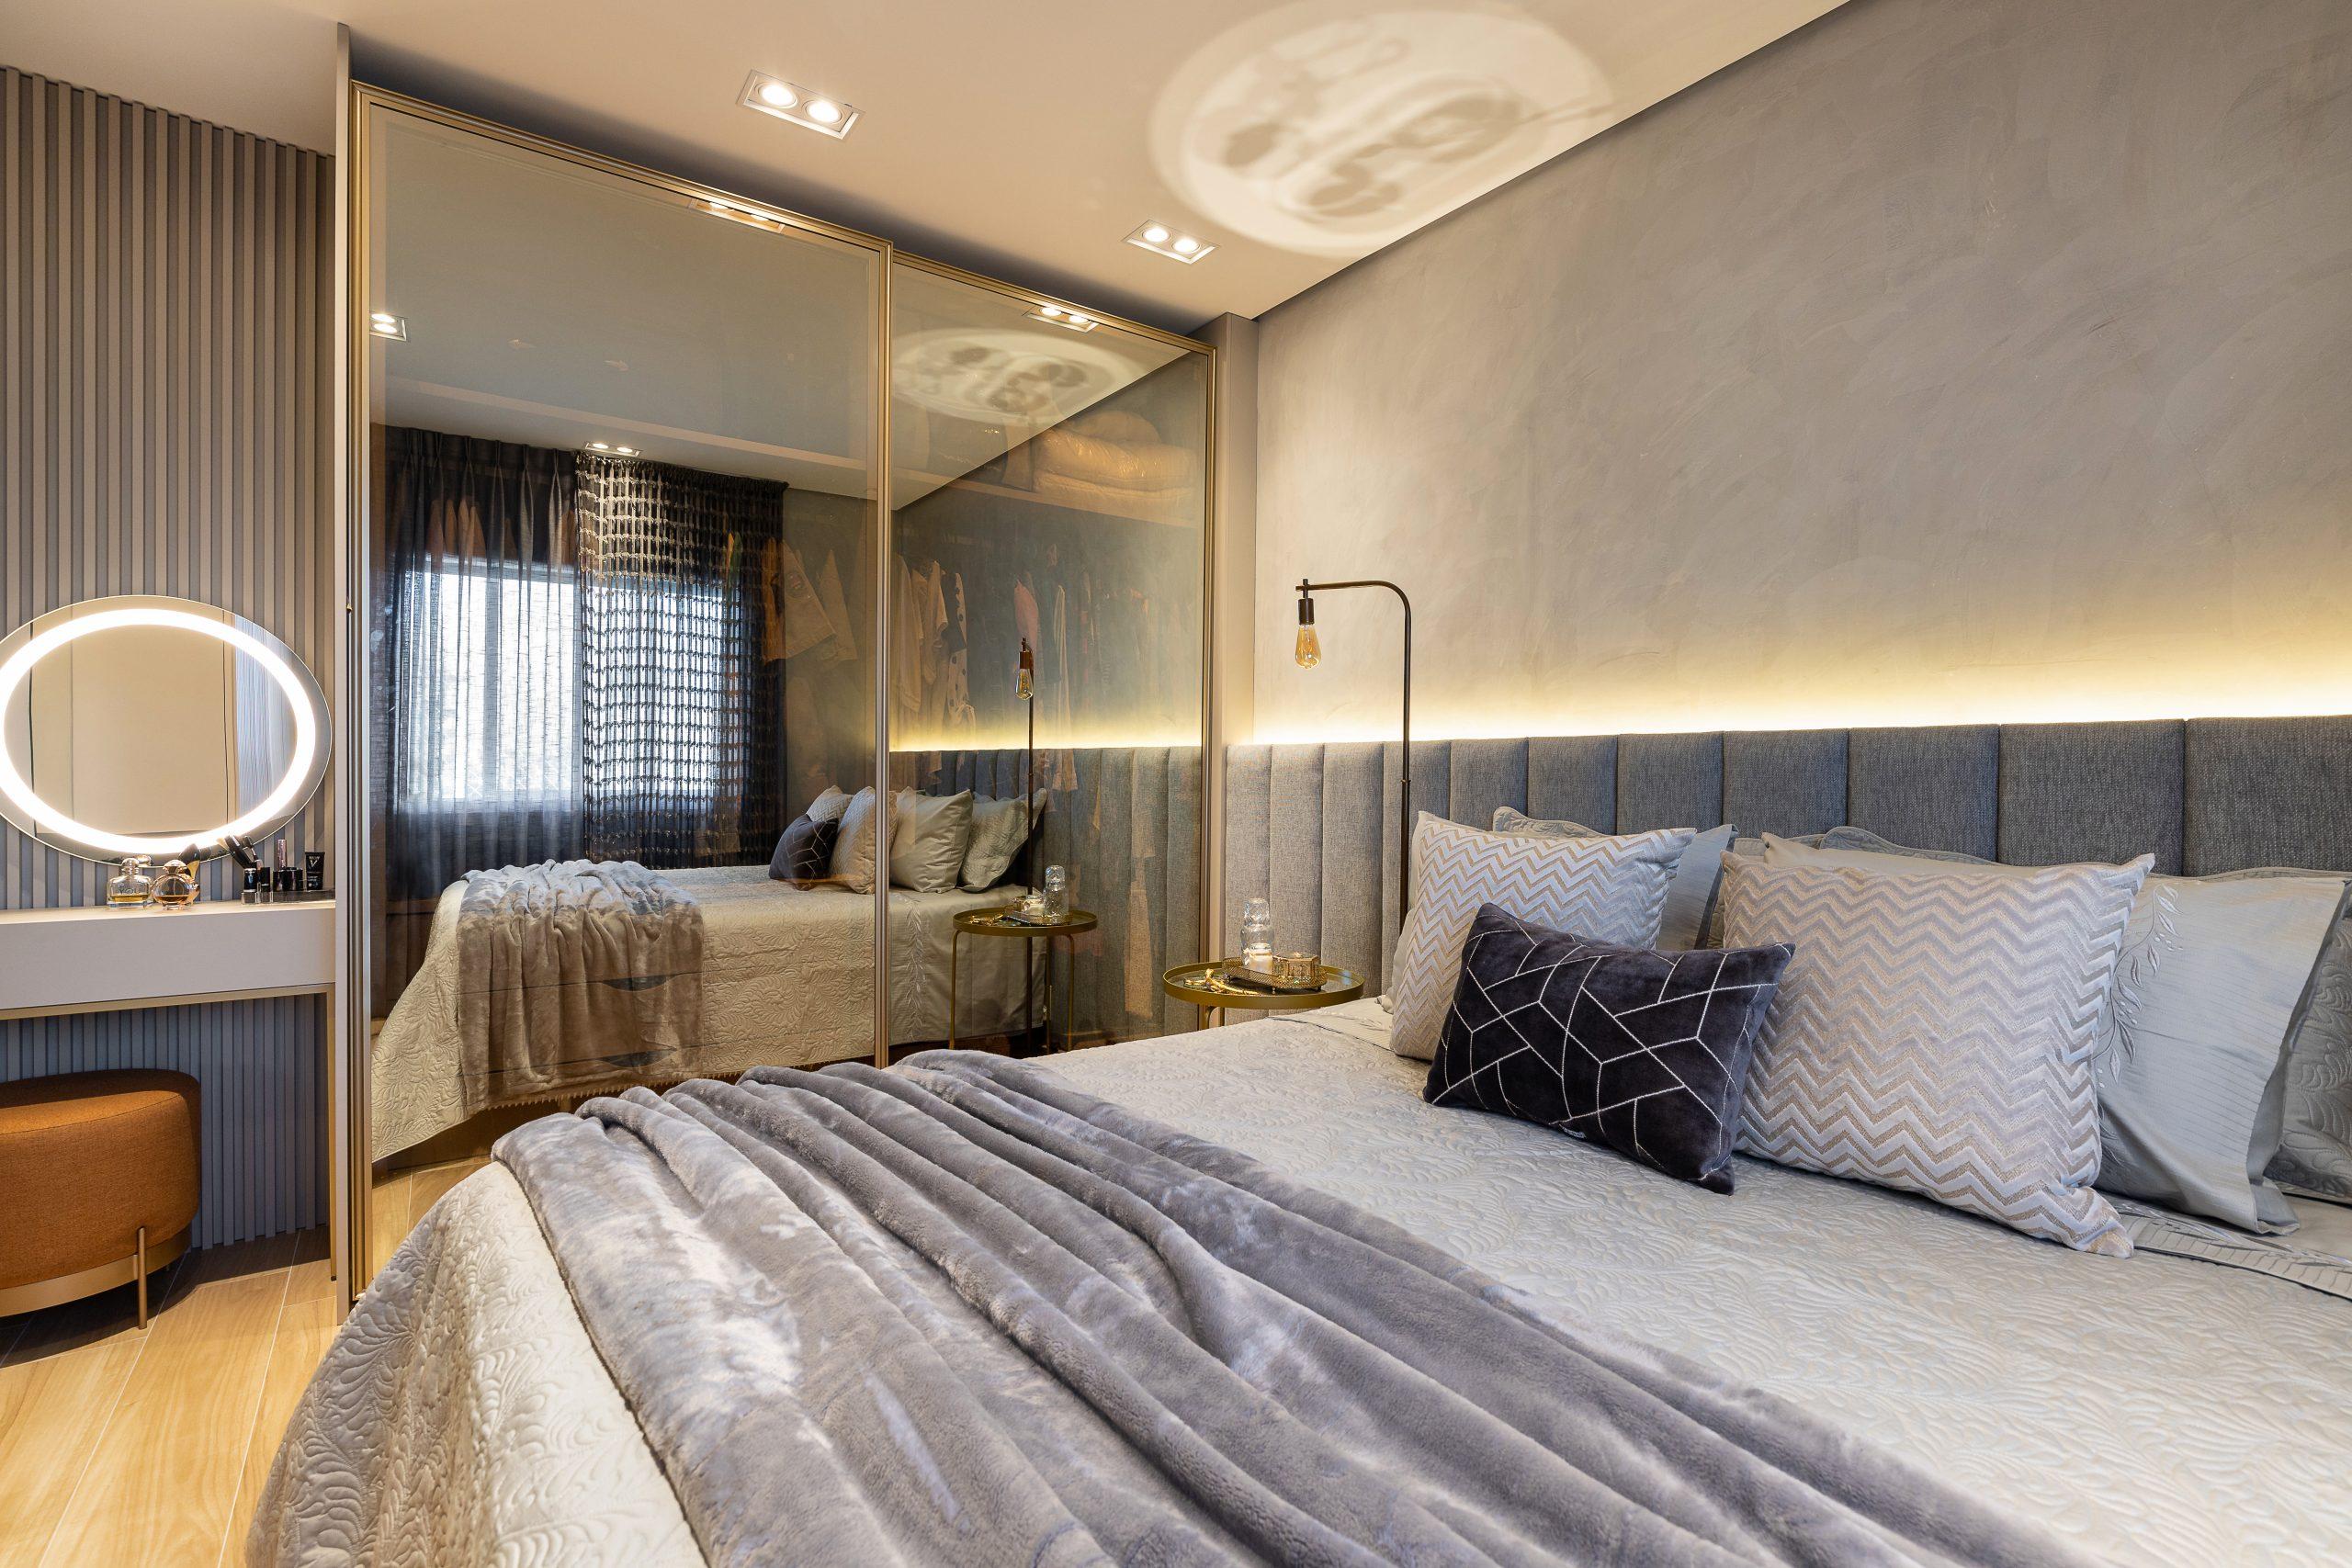 Dormitorio planejado quarto planejado aconchegante